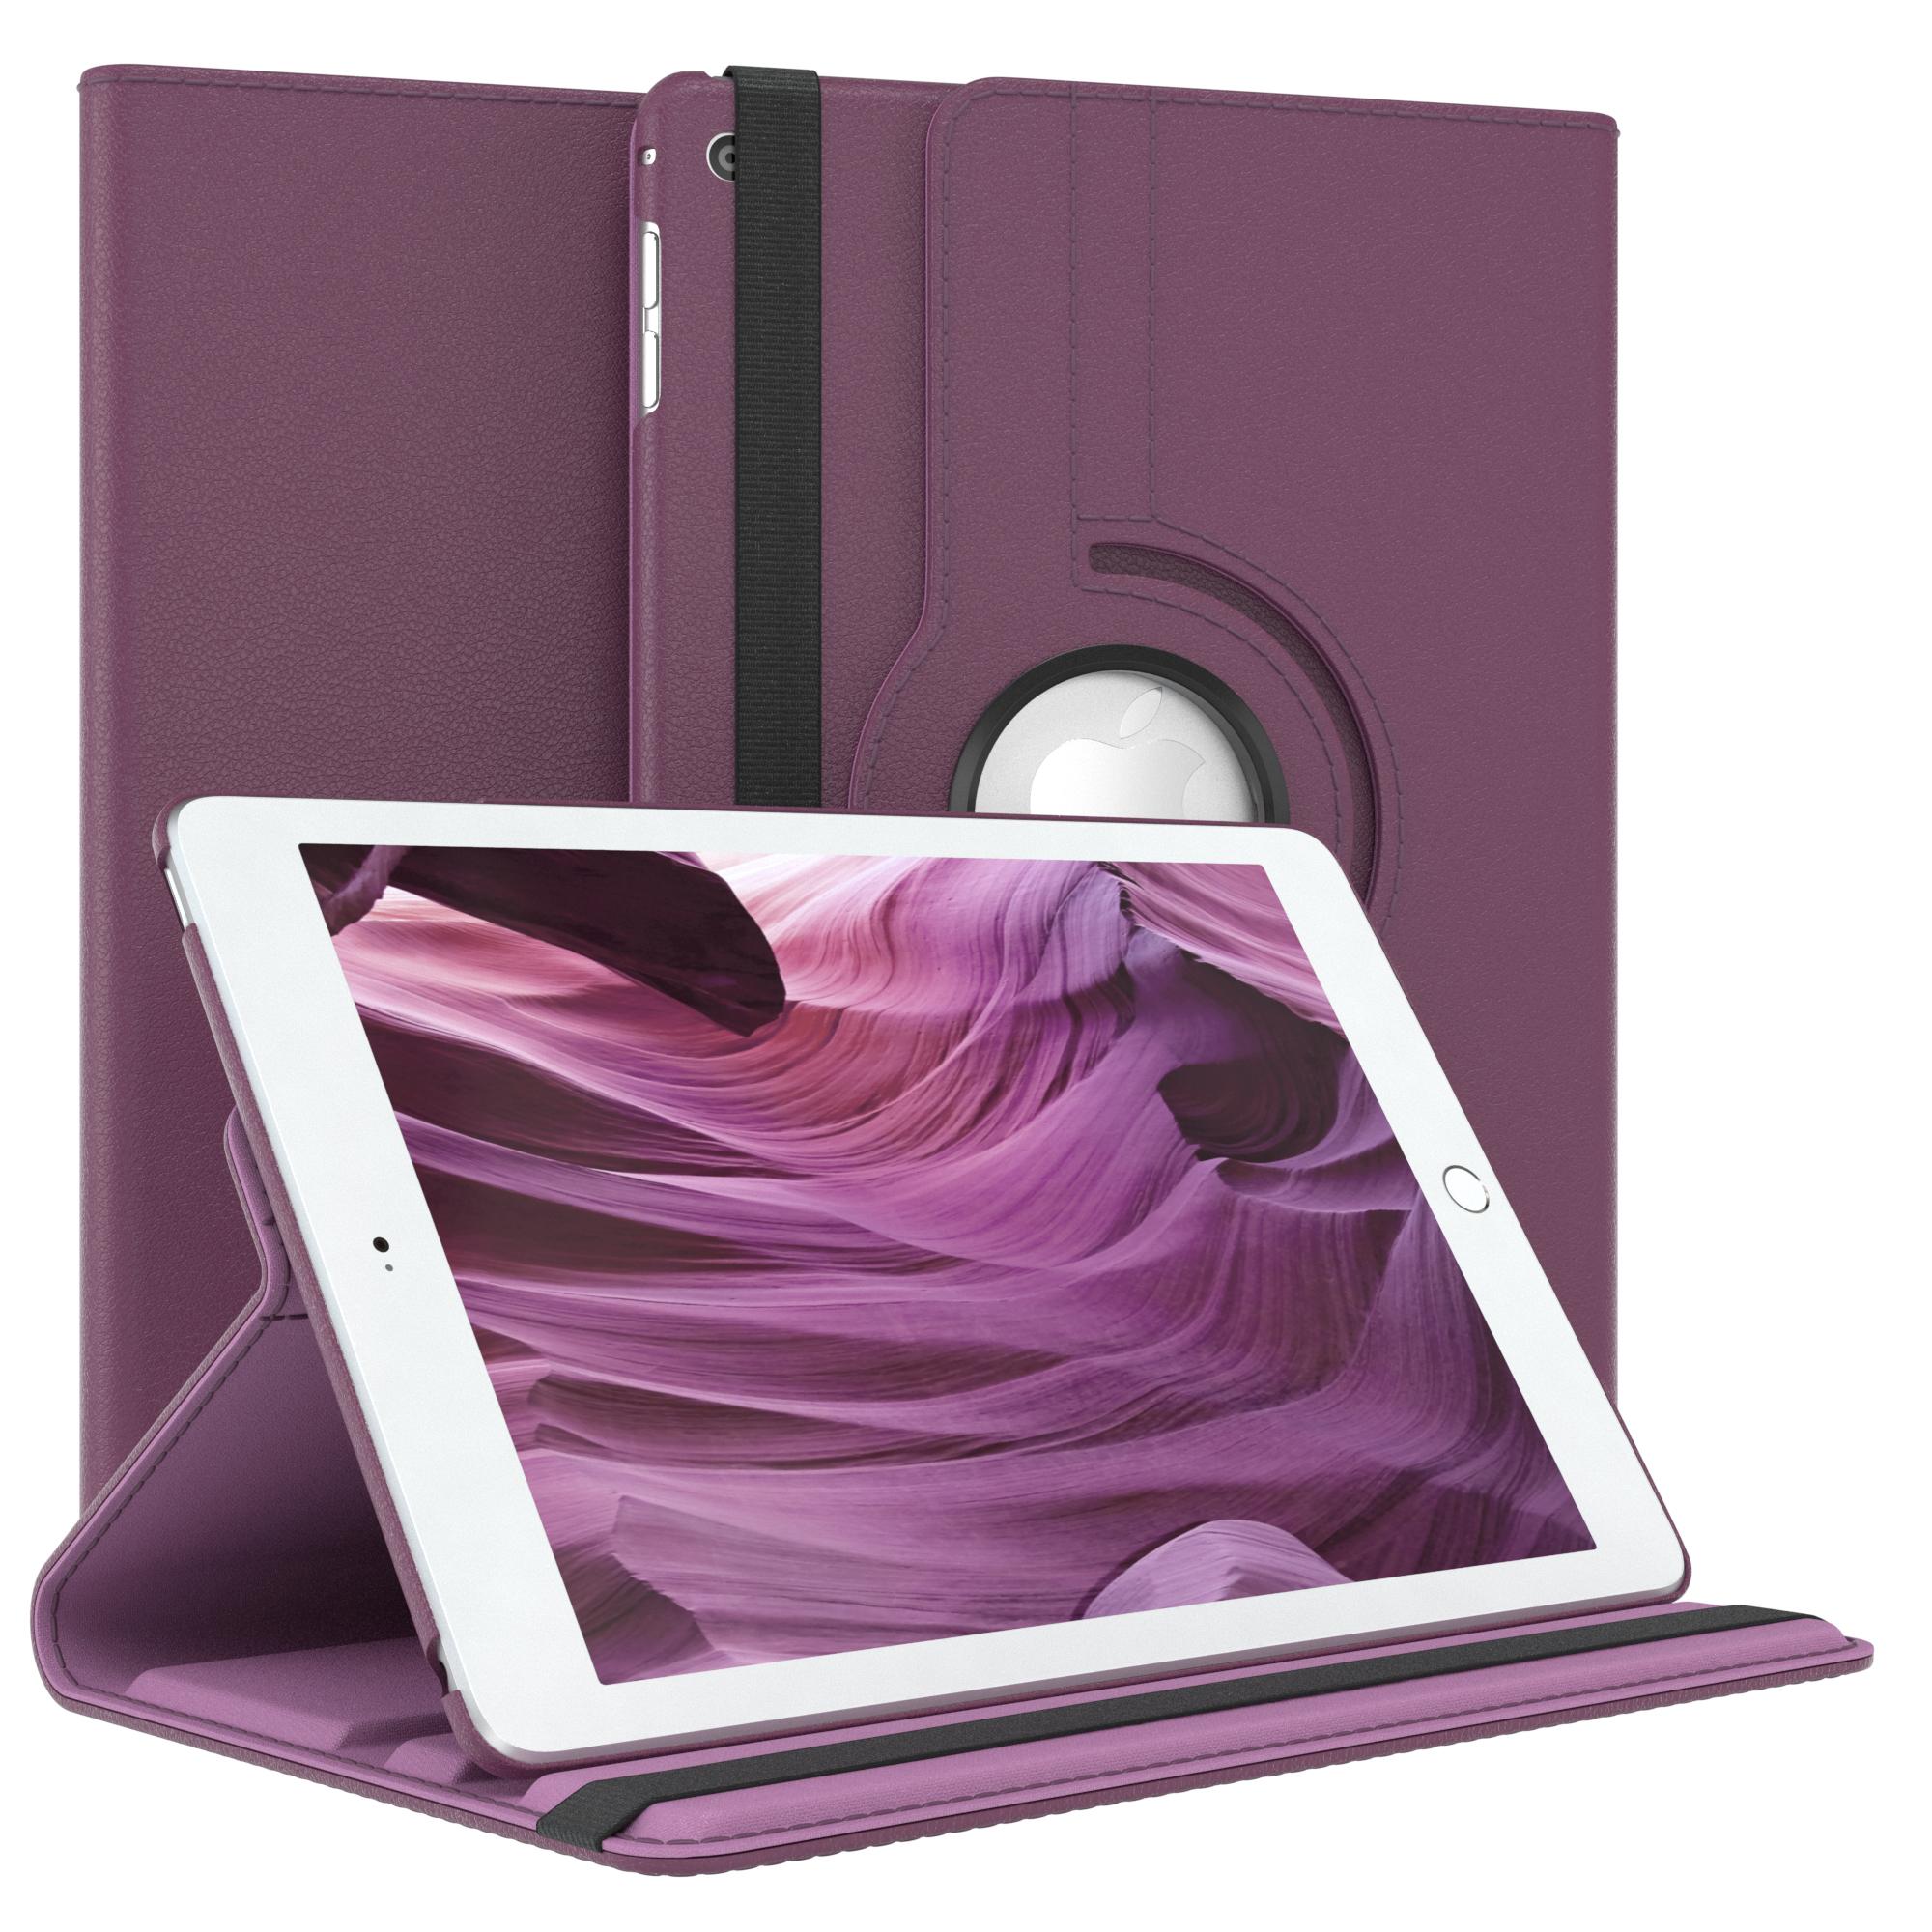 Tasche-fuer-Apple-iPad-Smart-Case-Schutz-Huelle-Etui-Tasche-Bumper-Flip-Cover-360 Indexbild 19